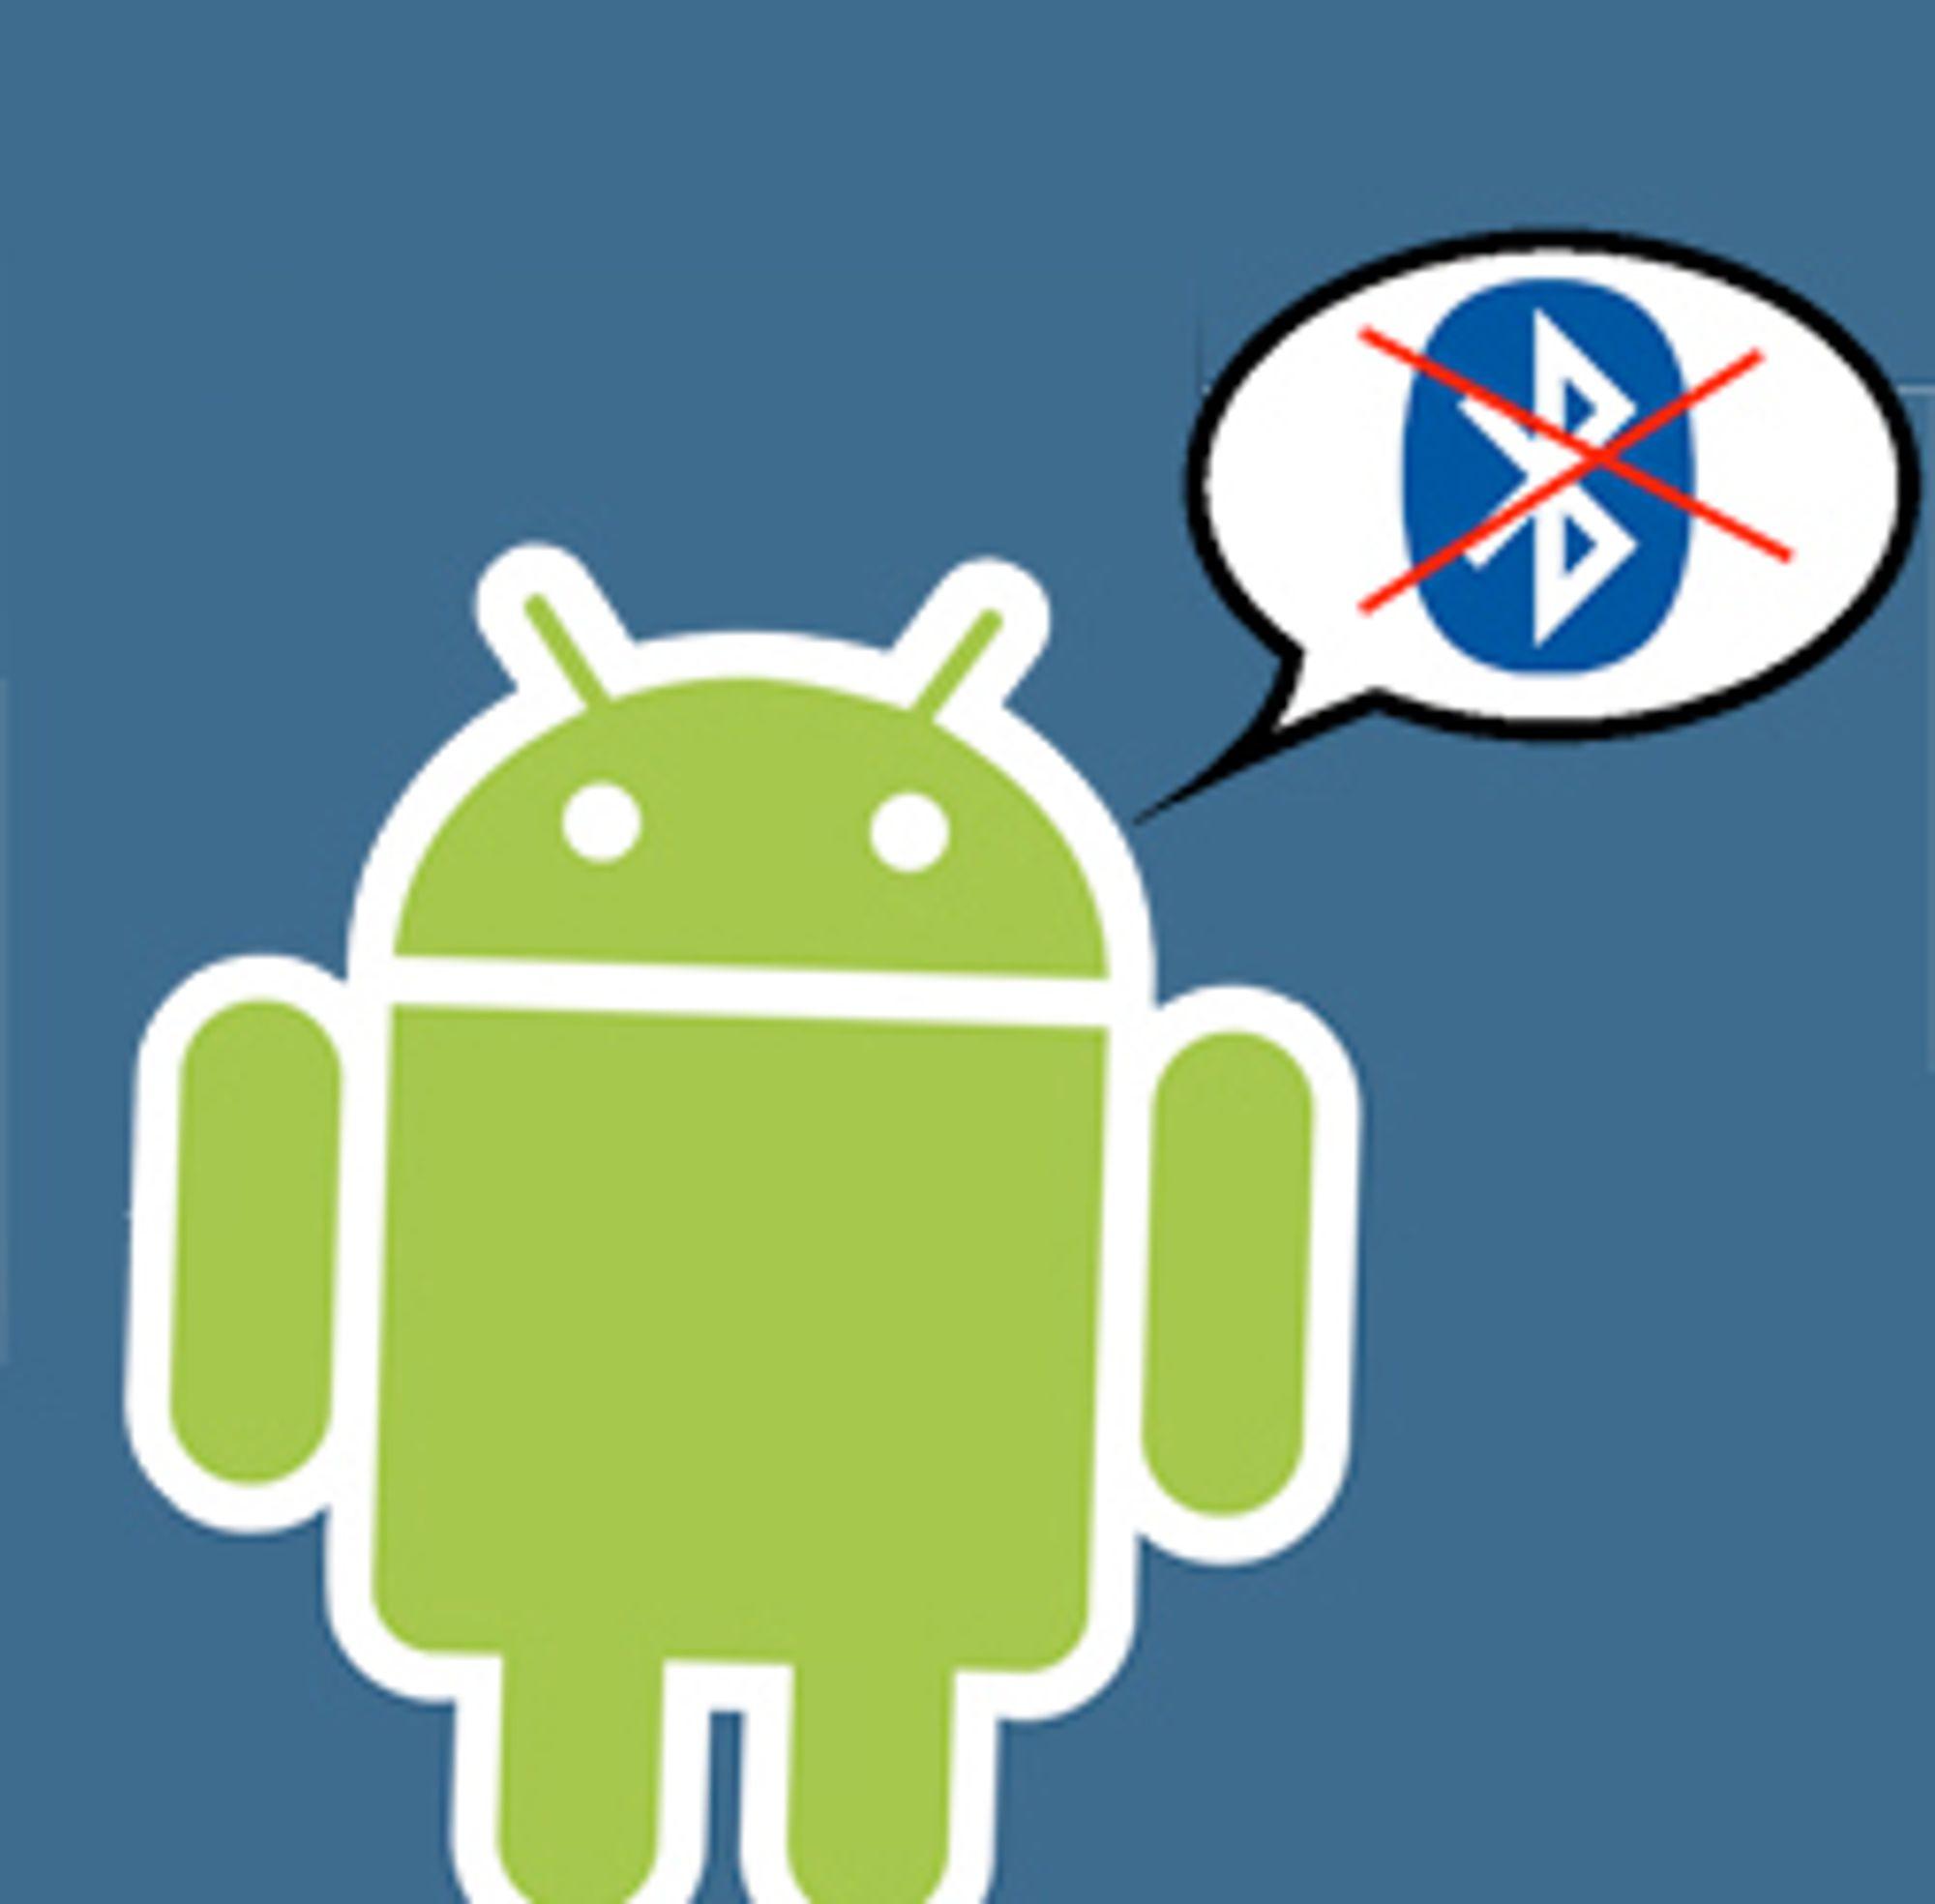 Bluetooth-støtten i Android er forkrøplet.